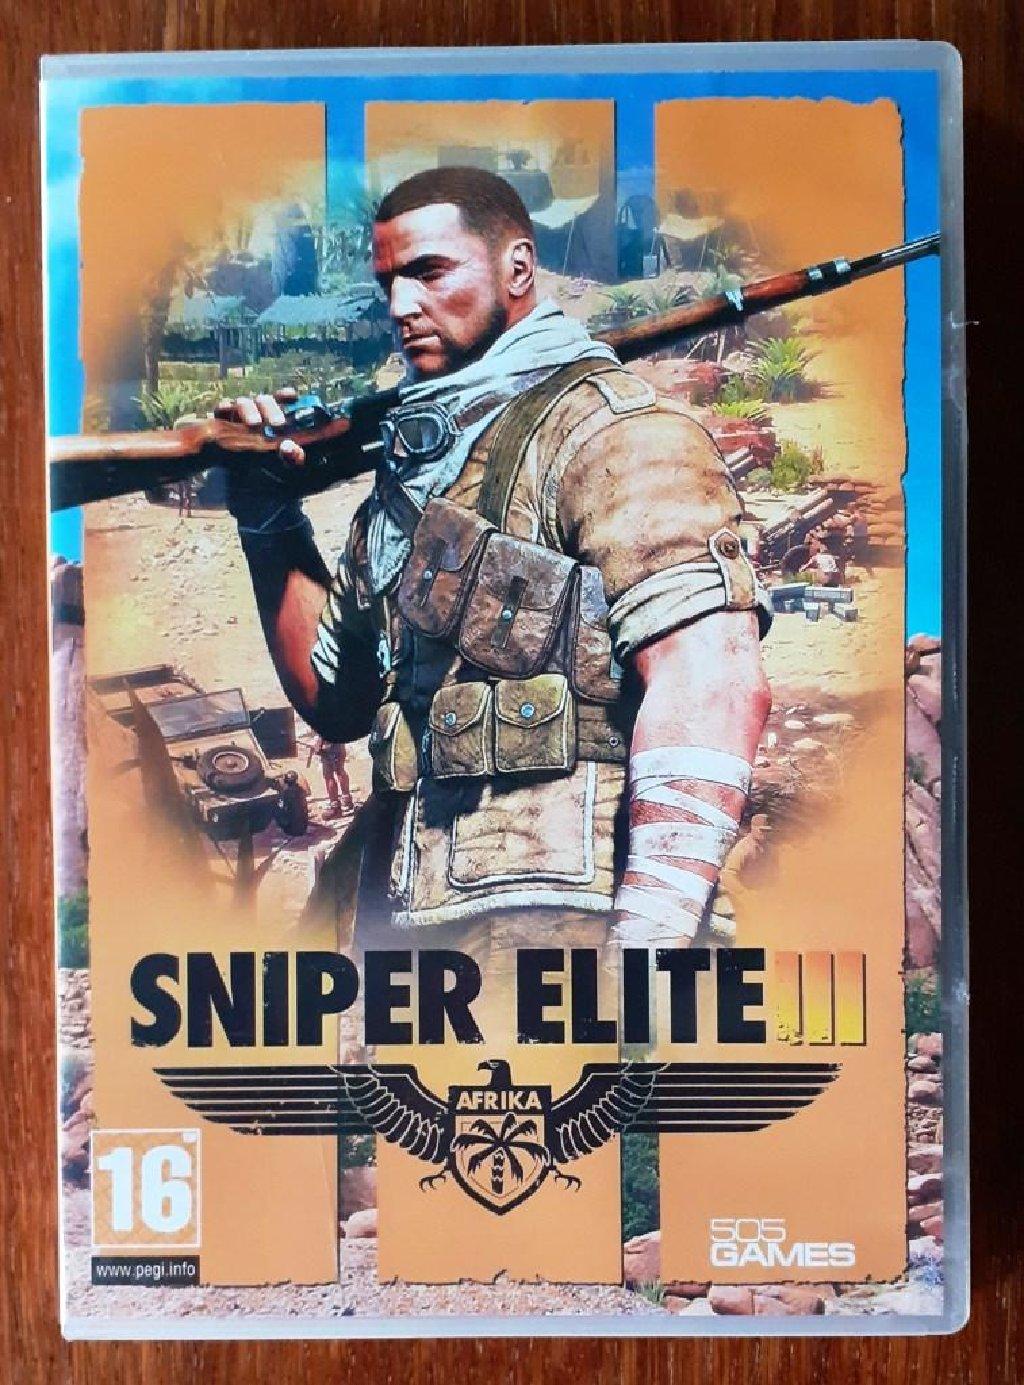 Игра для ПК Sniper Elite 3. Оригинал, была куплена в Москве